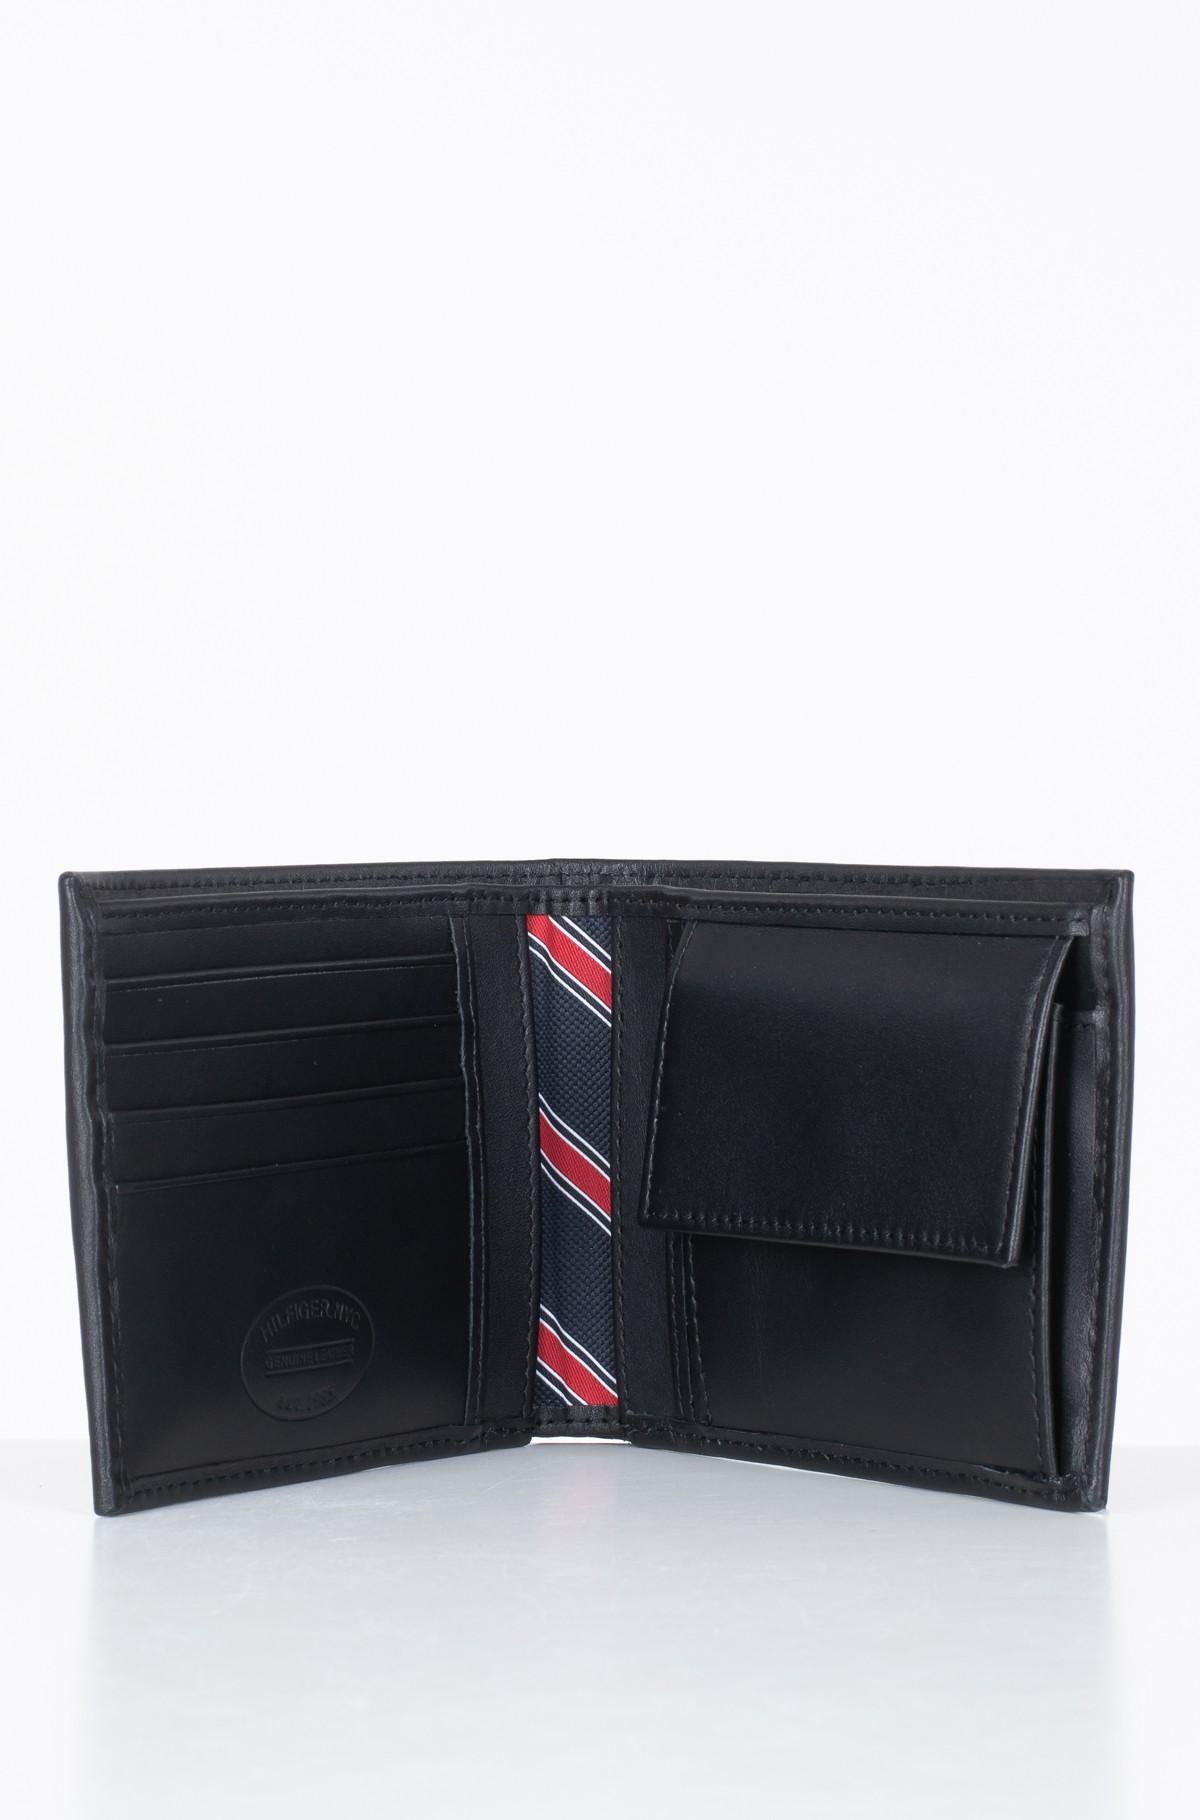 Piniginė ir žiedas raktams dovanų dėžutėje ETON CC AND COIN PCKT KEYFOB BOX-full-4